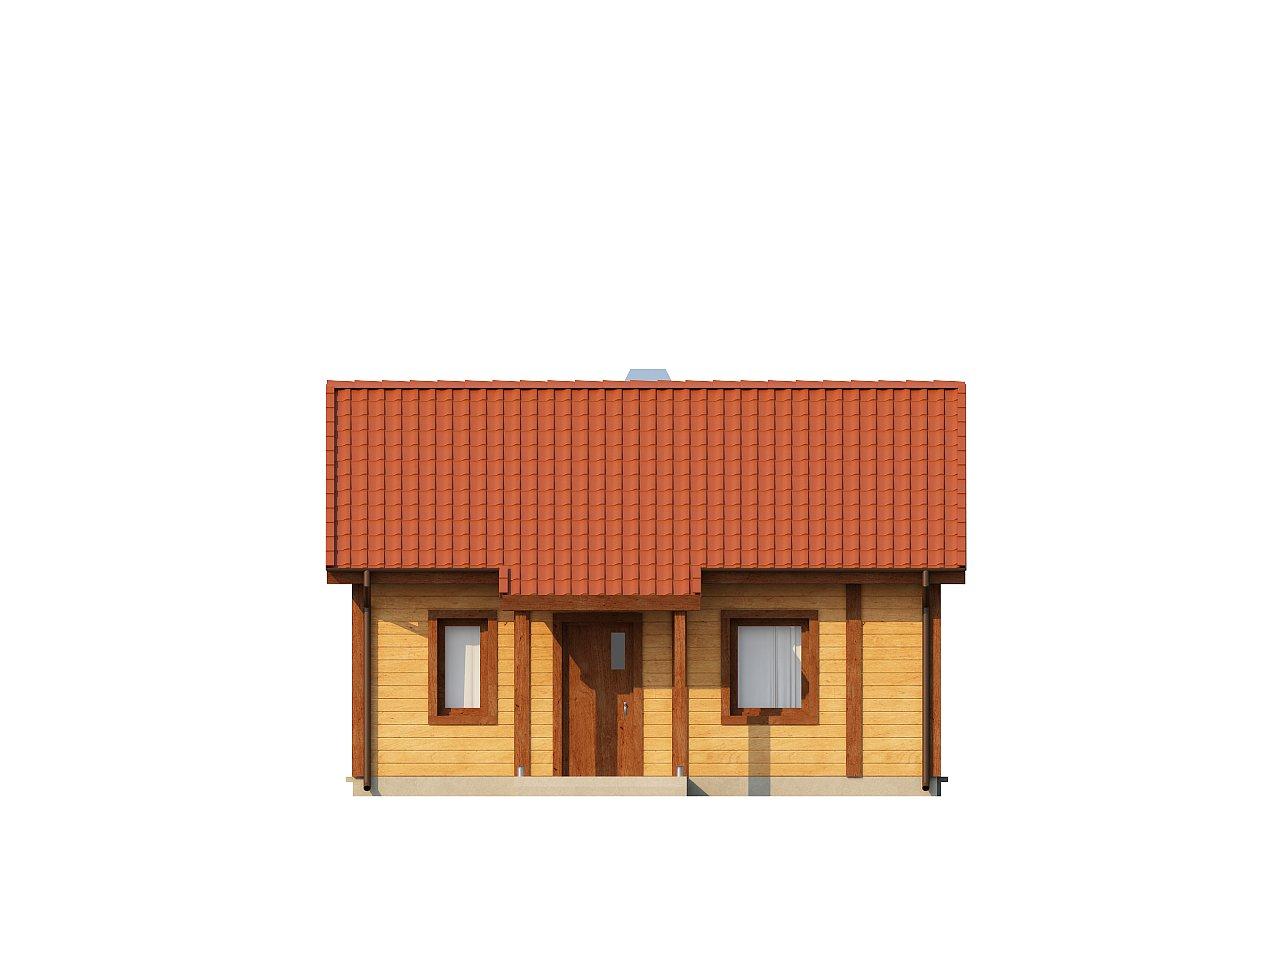 Маленький одноэтажный дом, оснащенный всем необходимым для круглогодичного проживания. 12